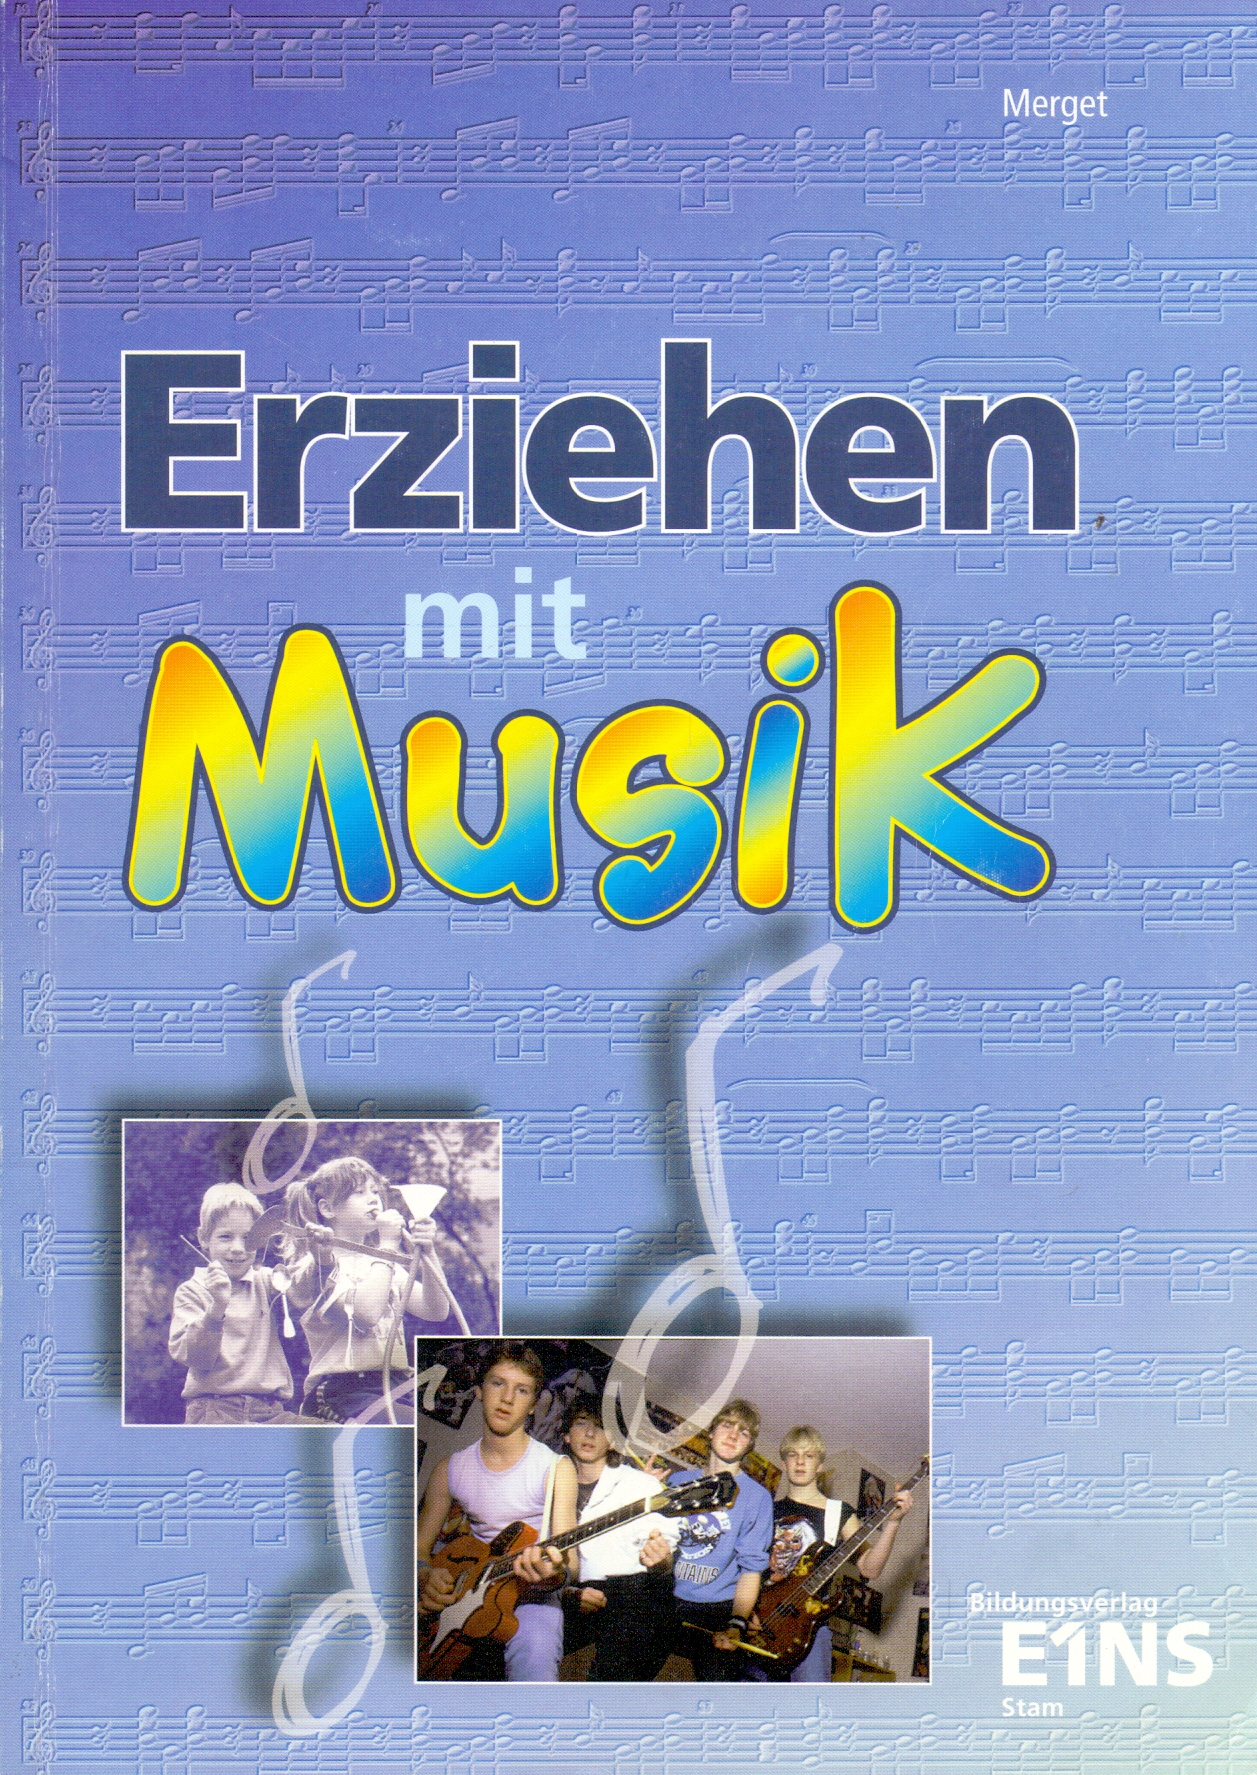 Erziehen mit Musik: In der sozialpädagogischen Ausbildung - Gerhard Merget [1. Auflage 1998]